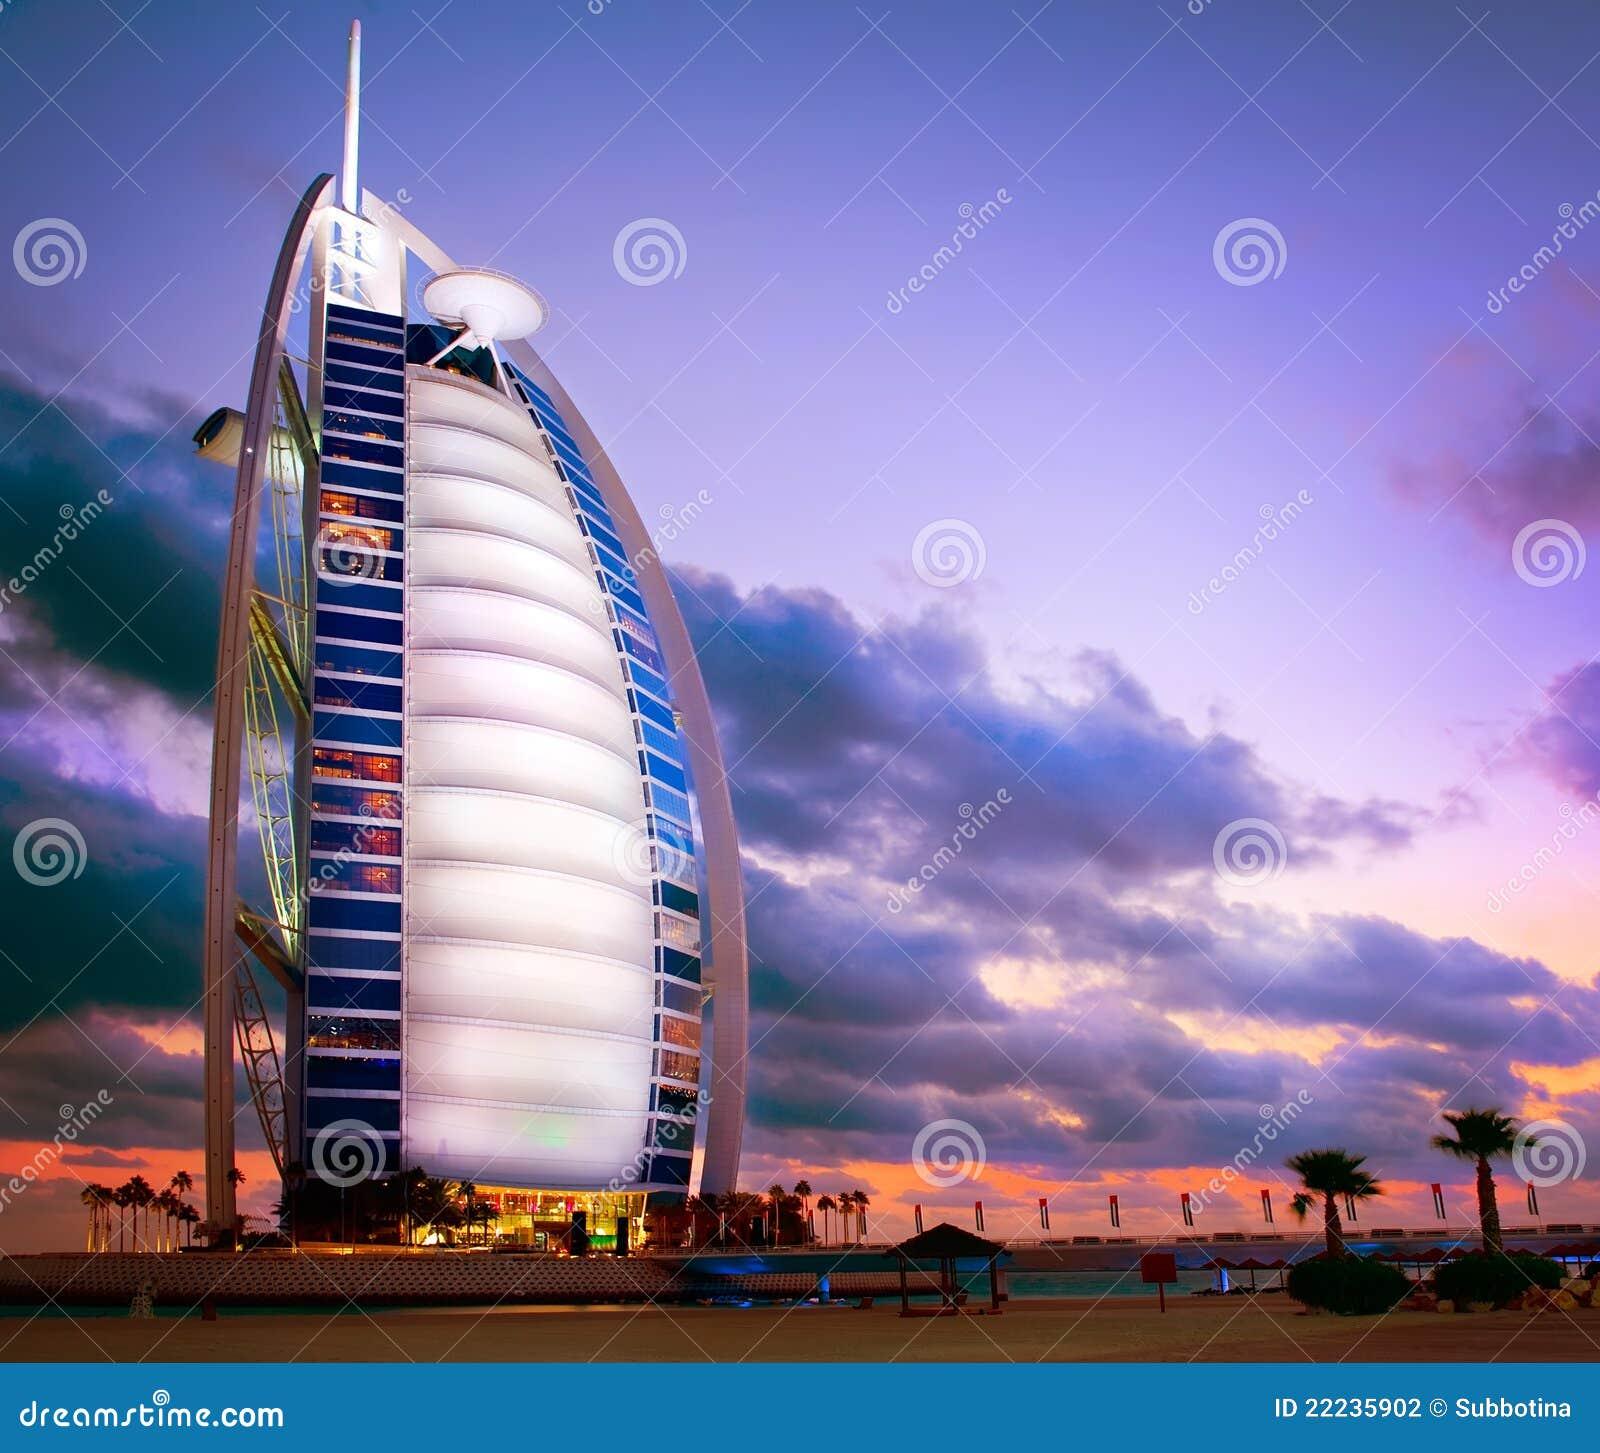 Dubai. Burj Al Arab hotel